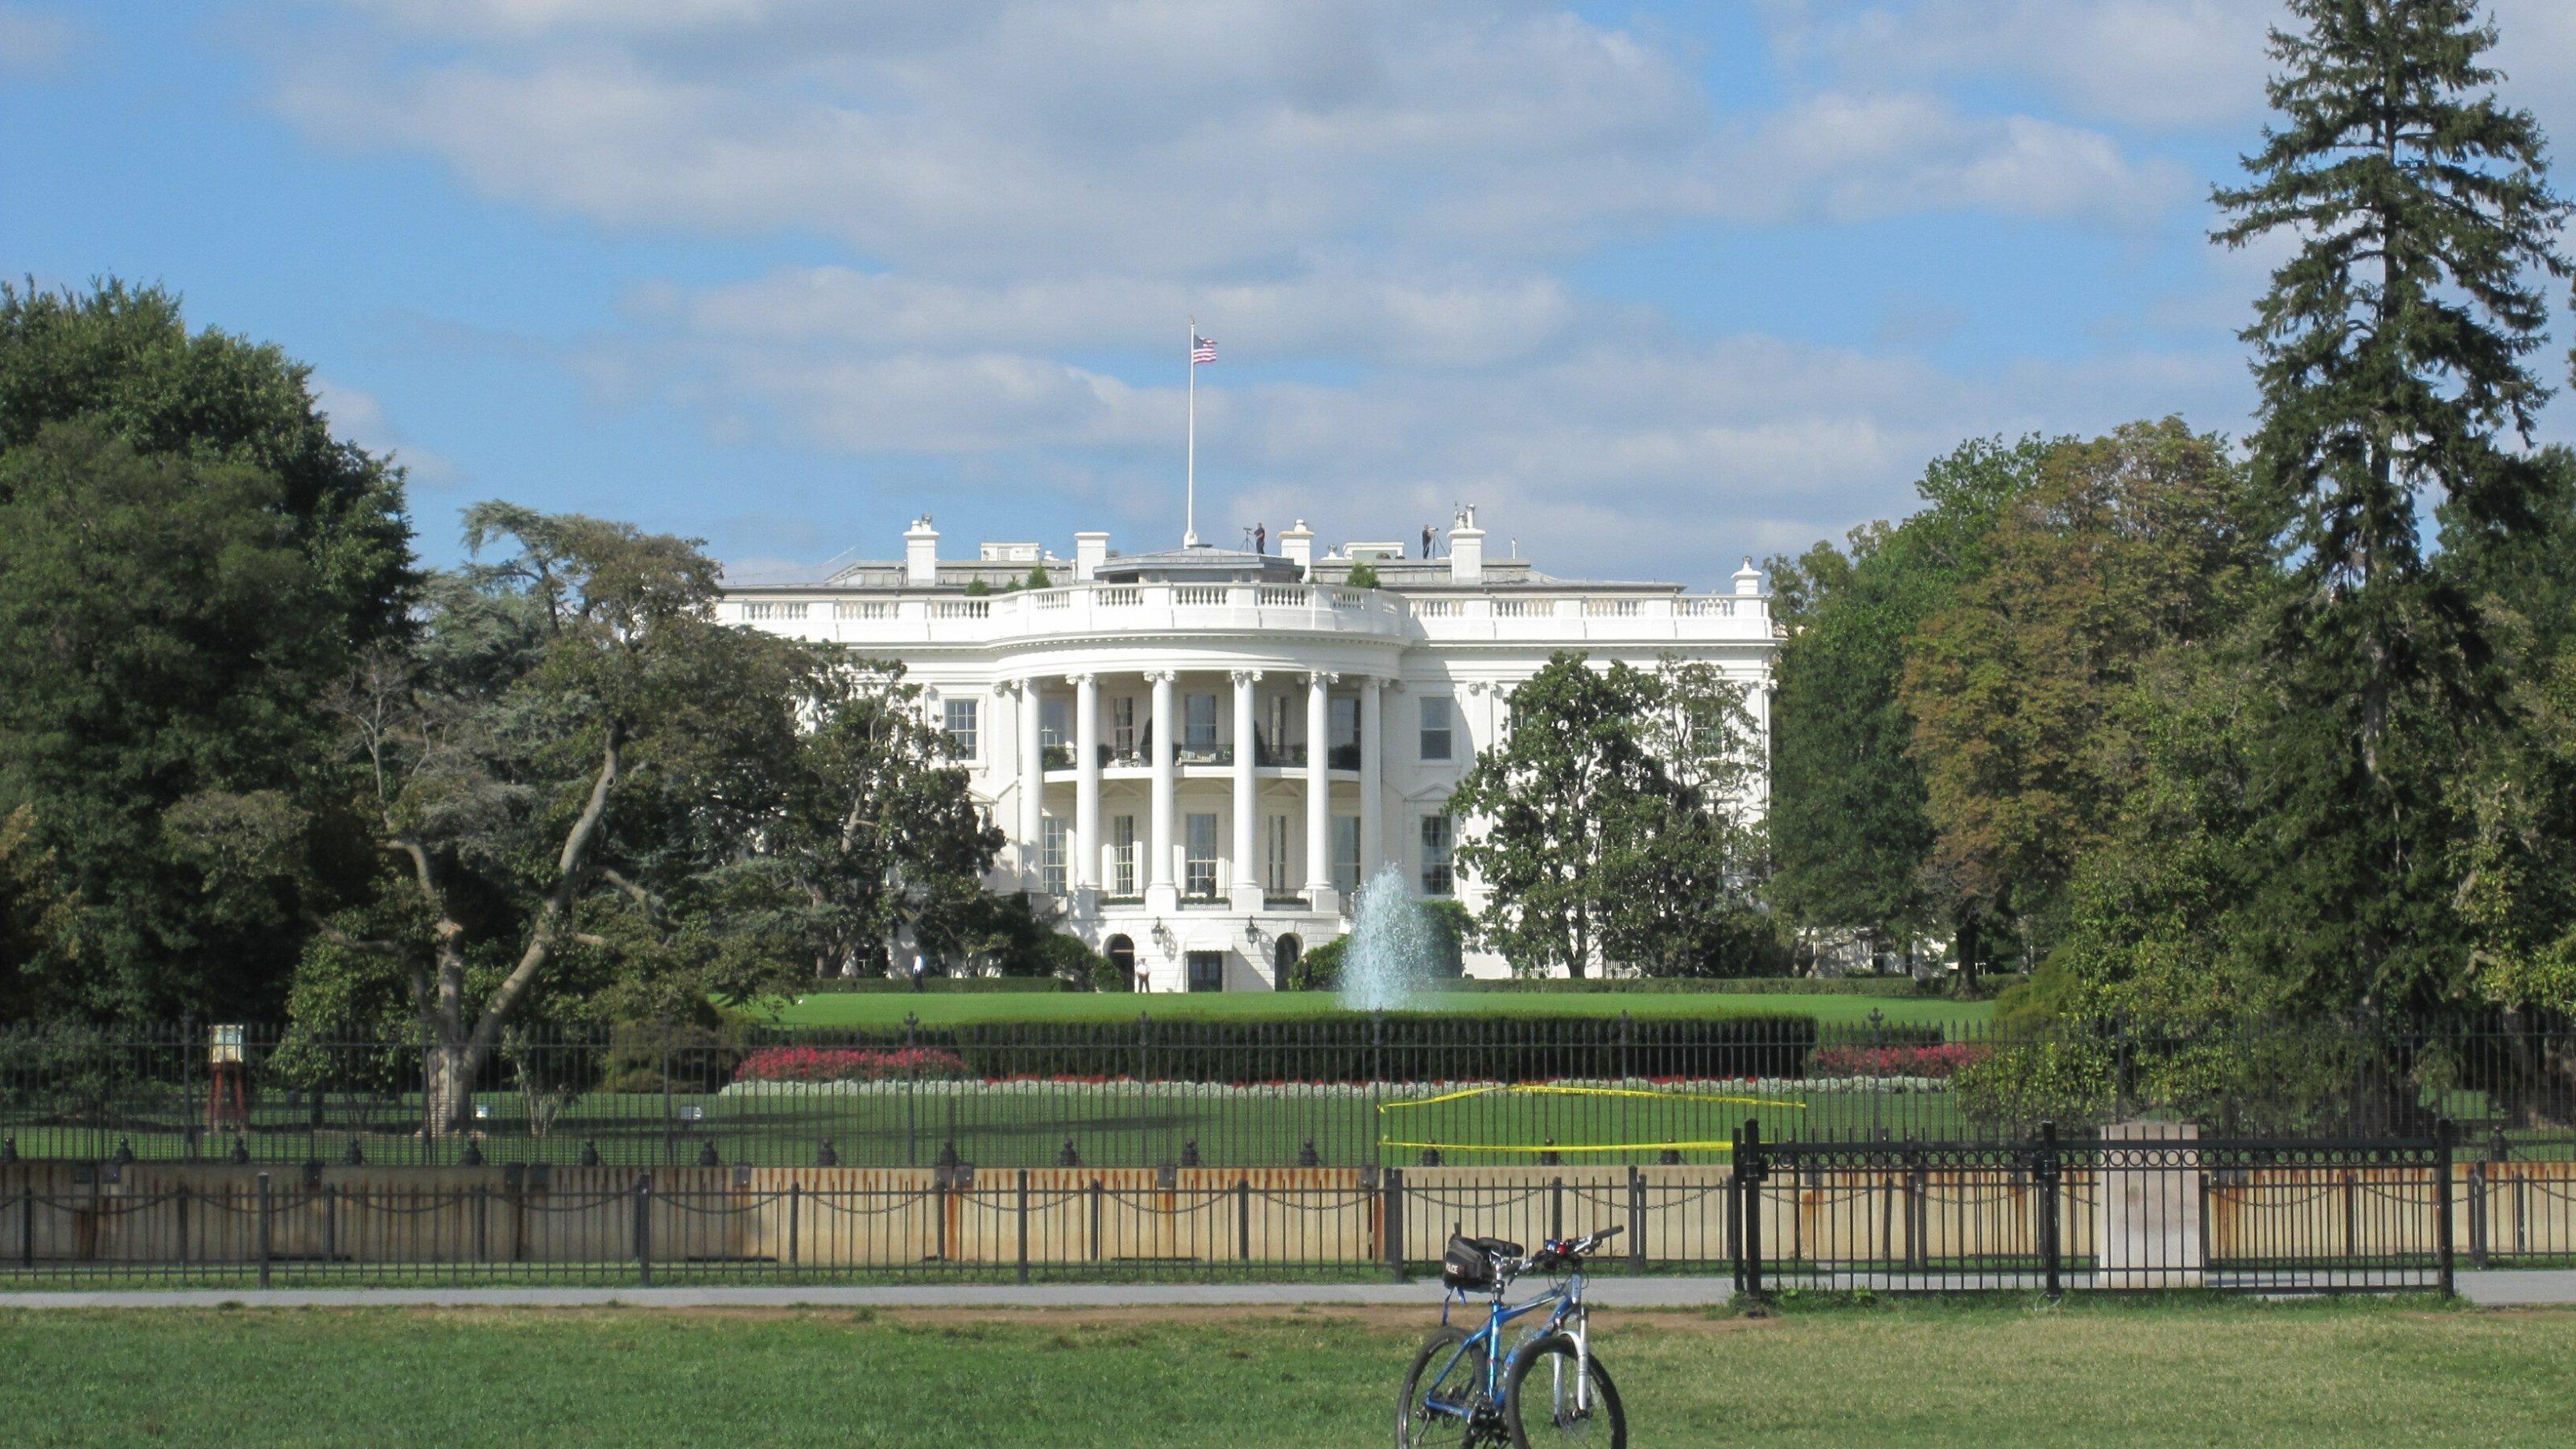 Blick aufs Weiße Haus in Washington D.C. Im Vordergrund parkt ein Fahrrad auf dem Rasen.